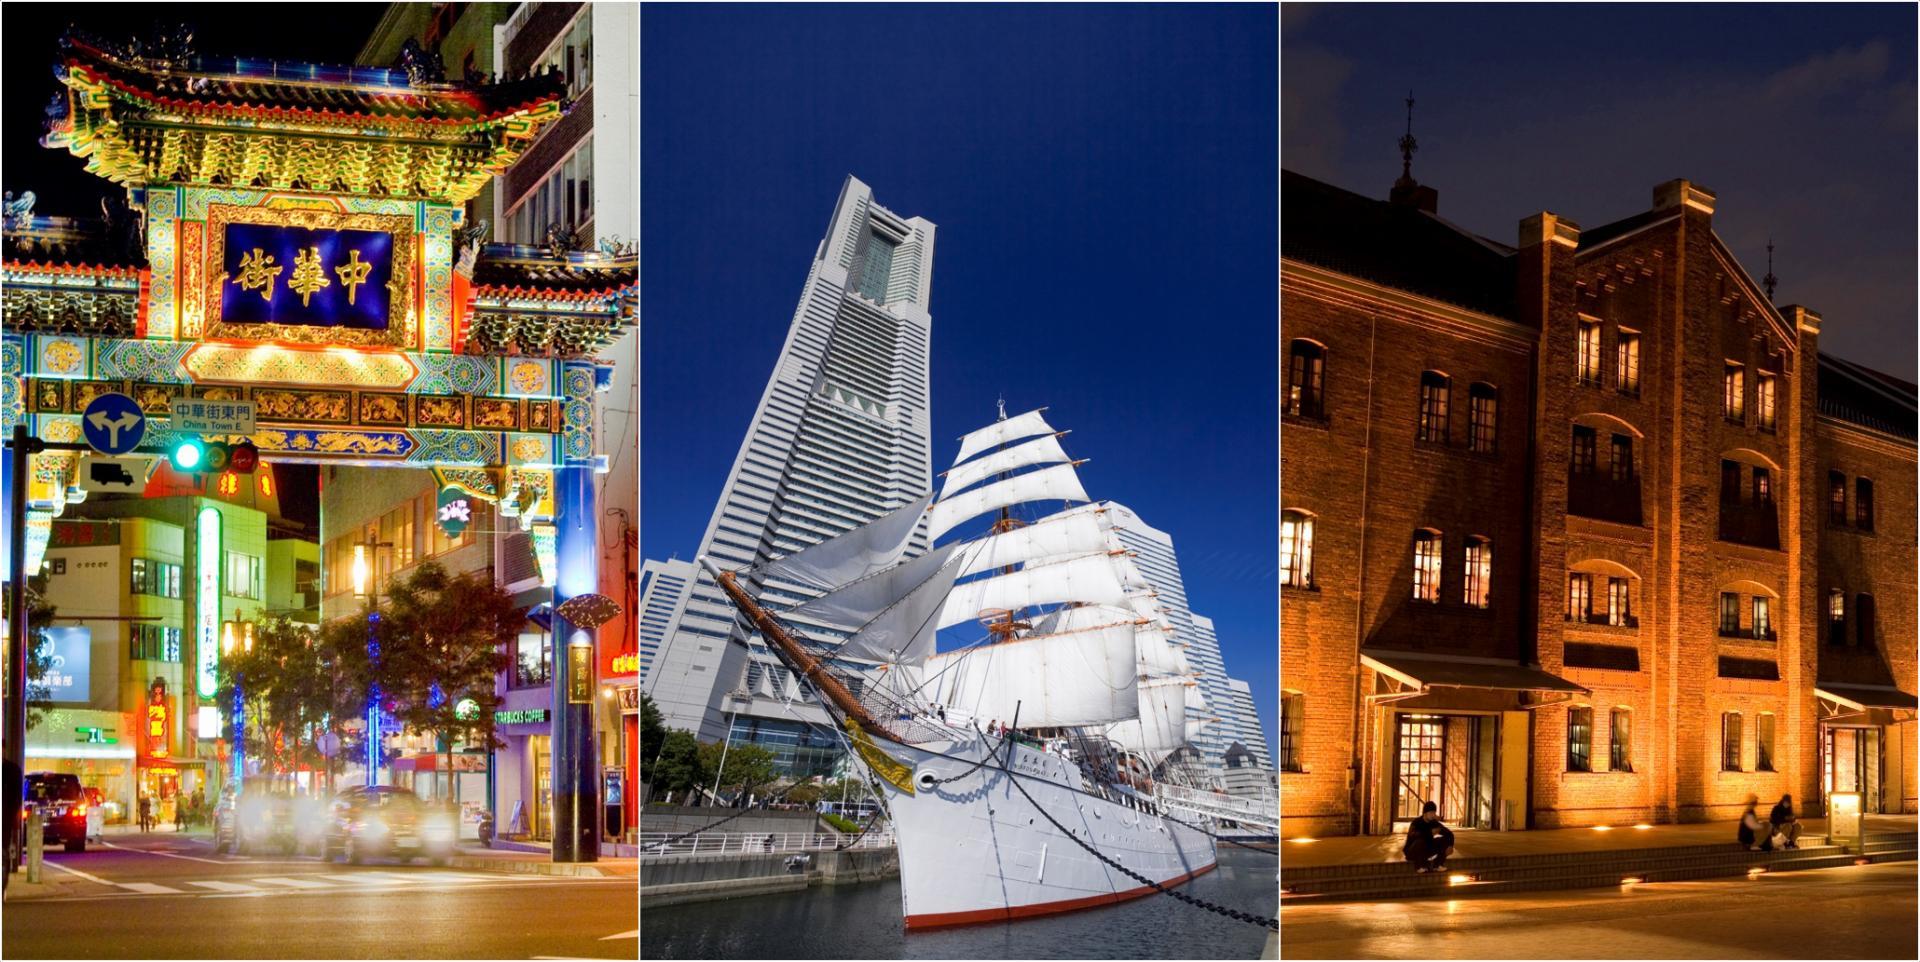 以横滨中华街为首,横滨有许多观光胜地